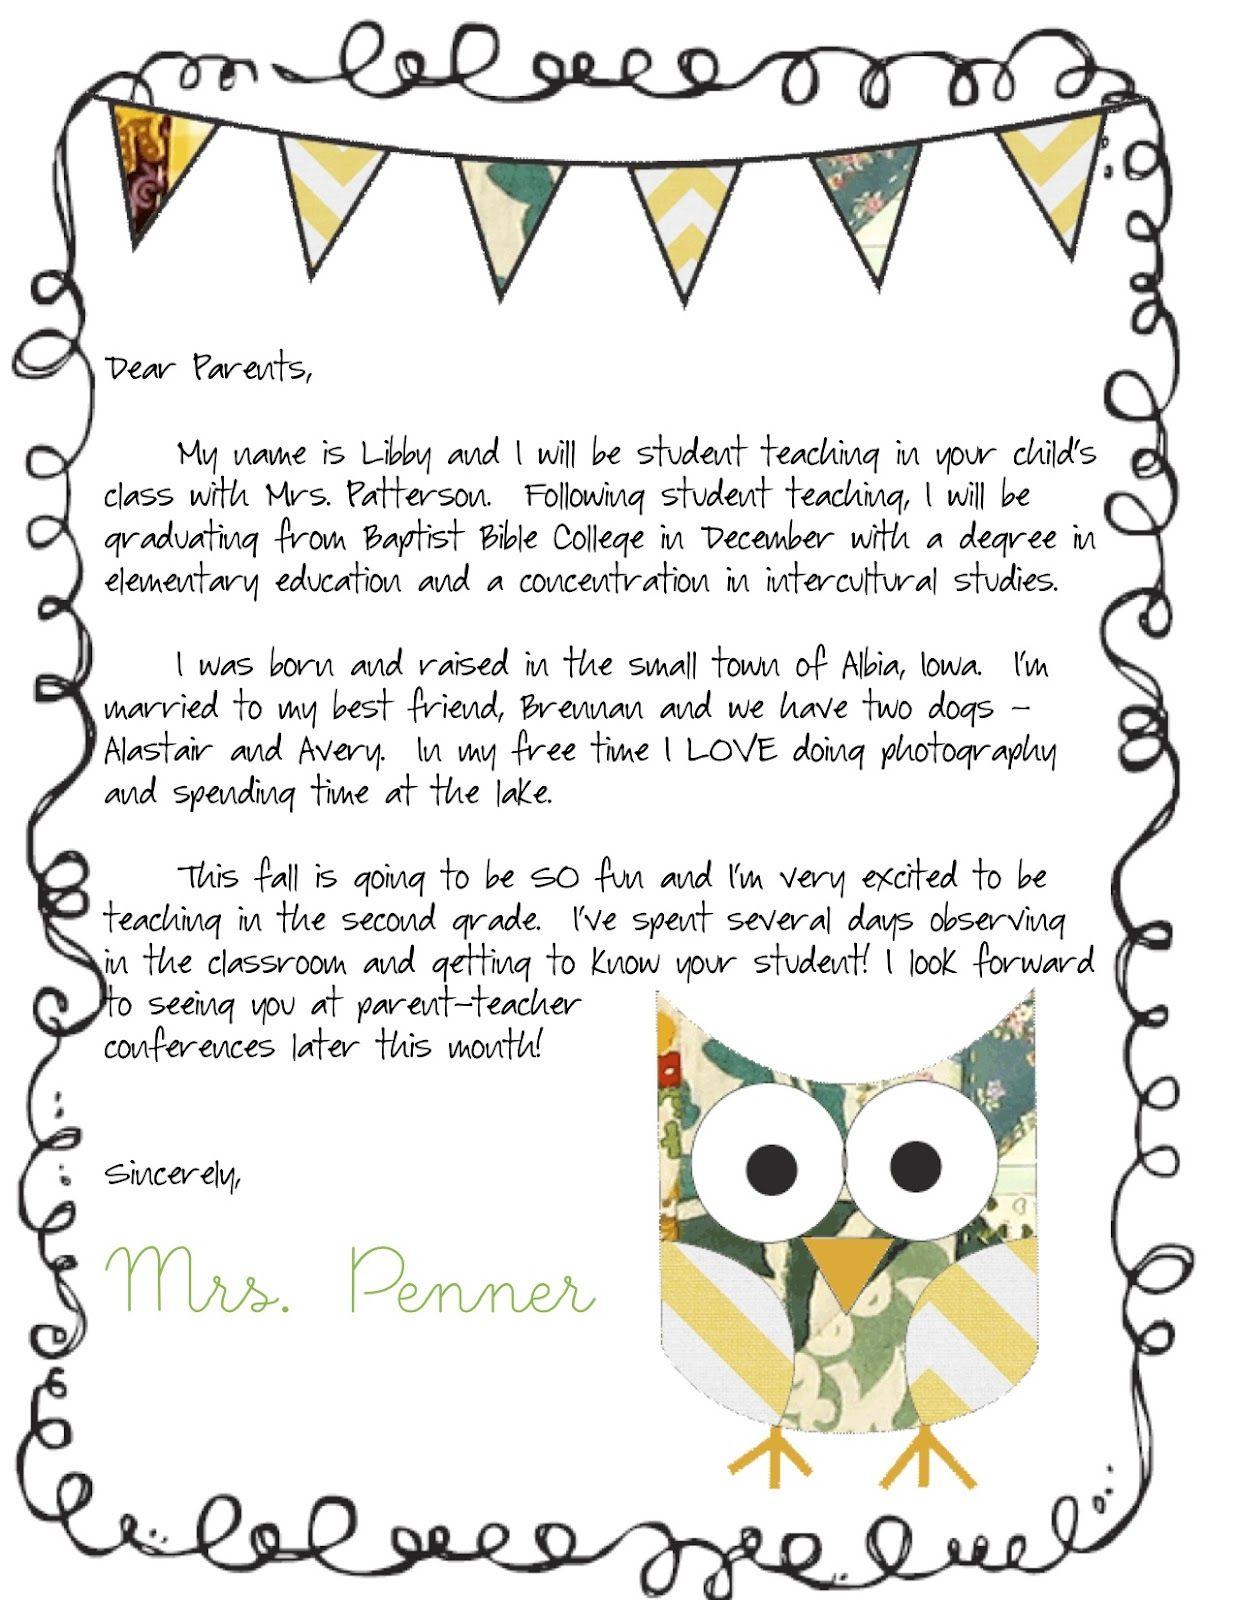 Teacher Welcome Letter to Parents Template - Meet the Teacher Letter Classroom Ideas Pinterest